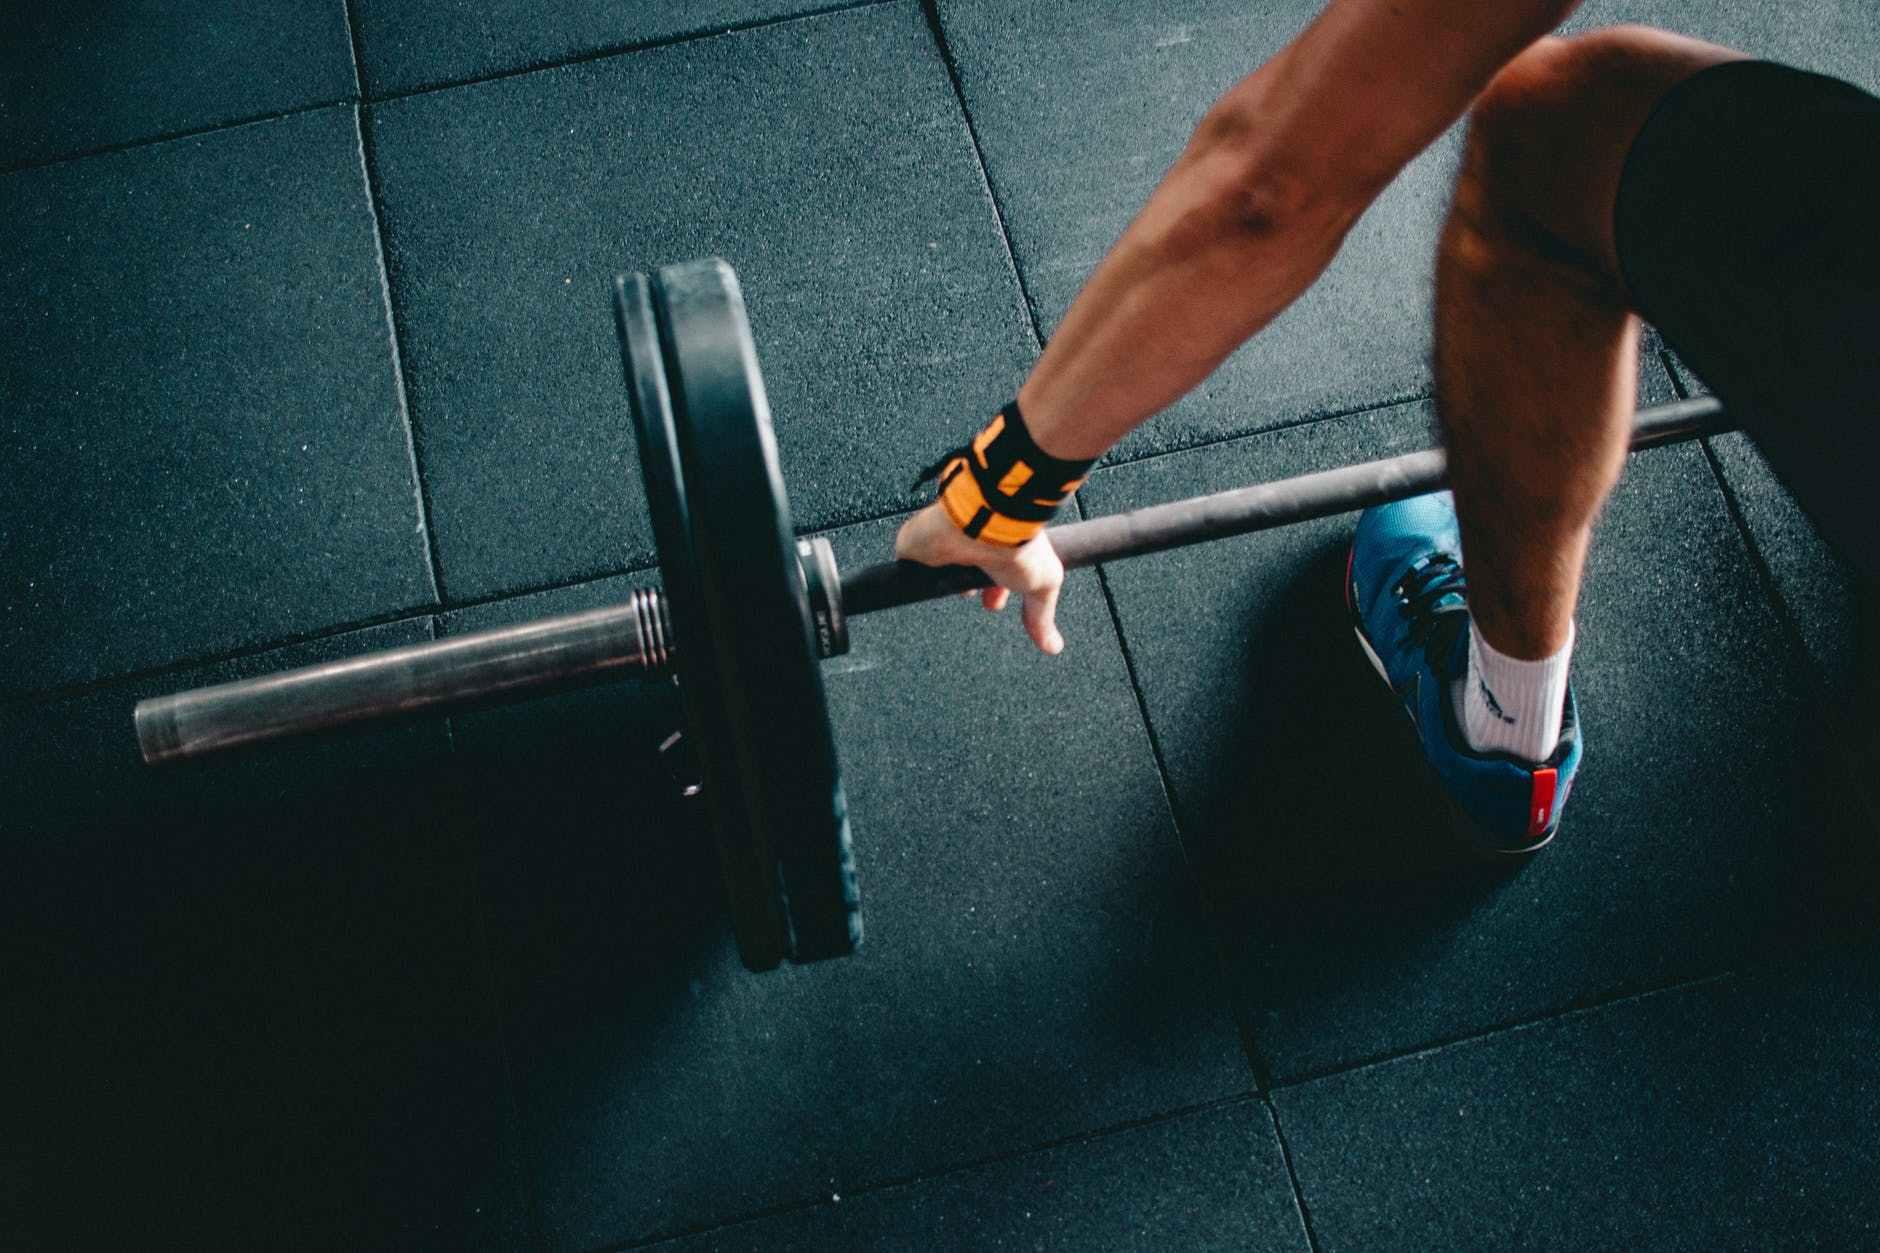 新手健身,先增肌还是先减脂,先有氧还是先力量?_训练 高级健身 第1张